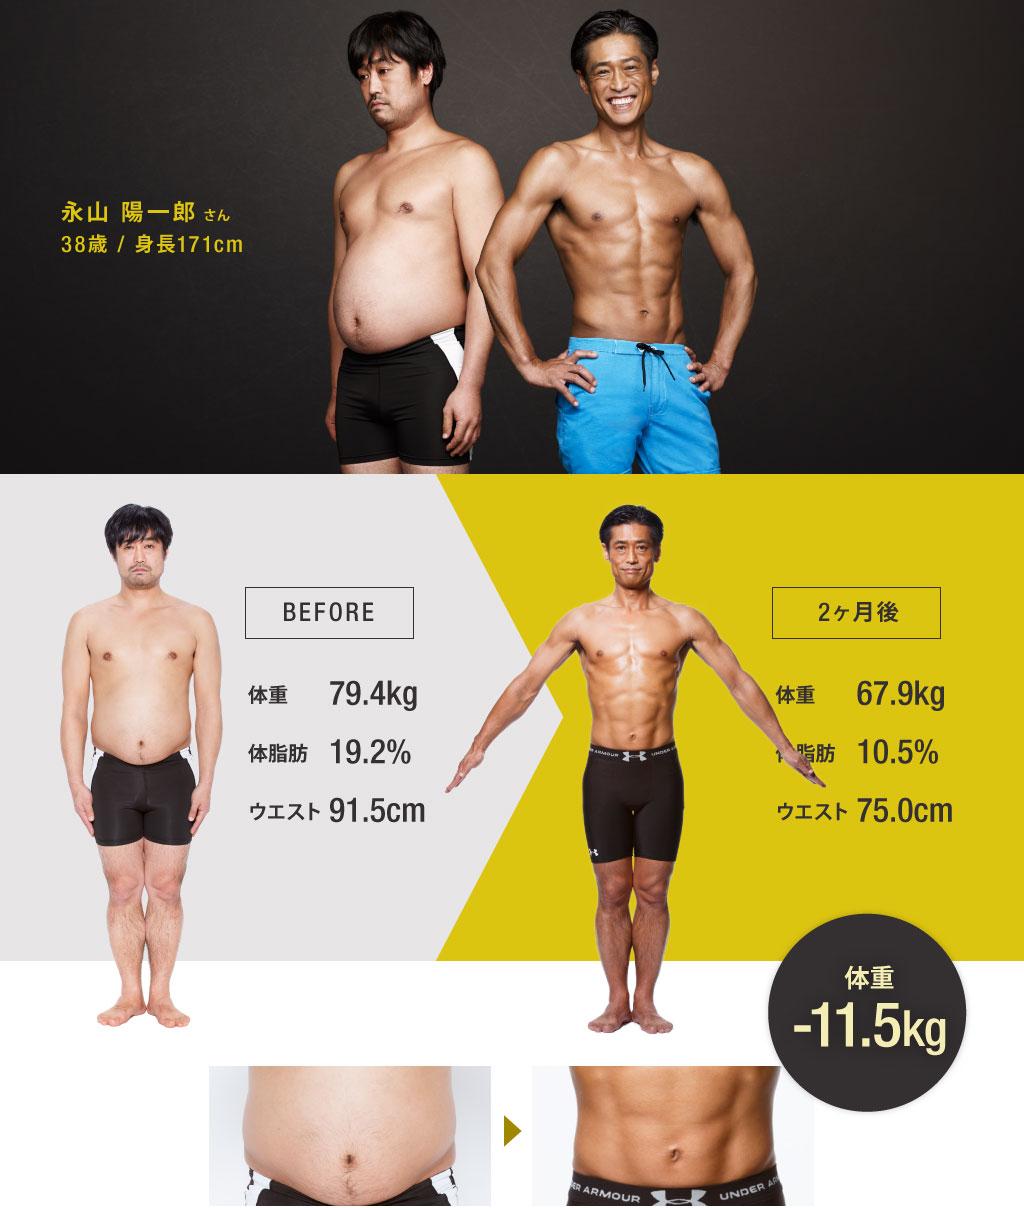 永山陽一郎さん・38歳・171cm